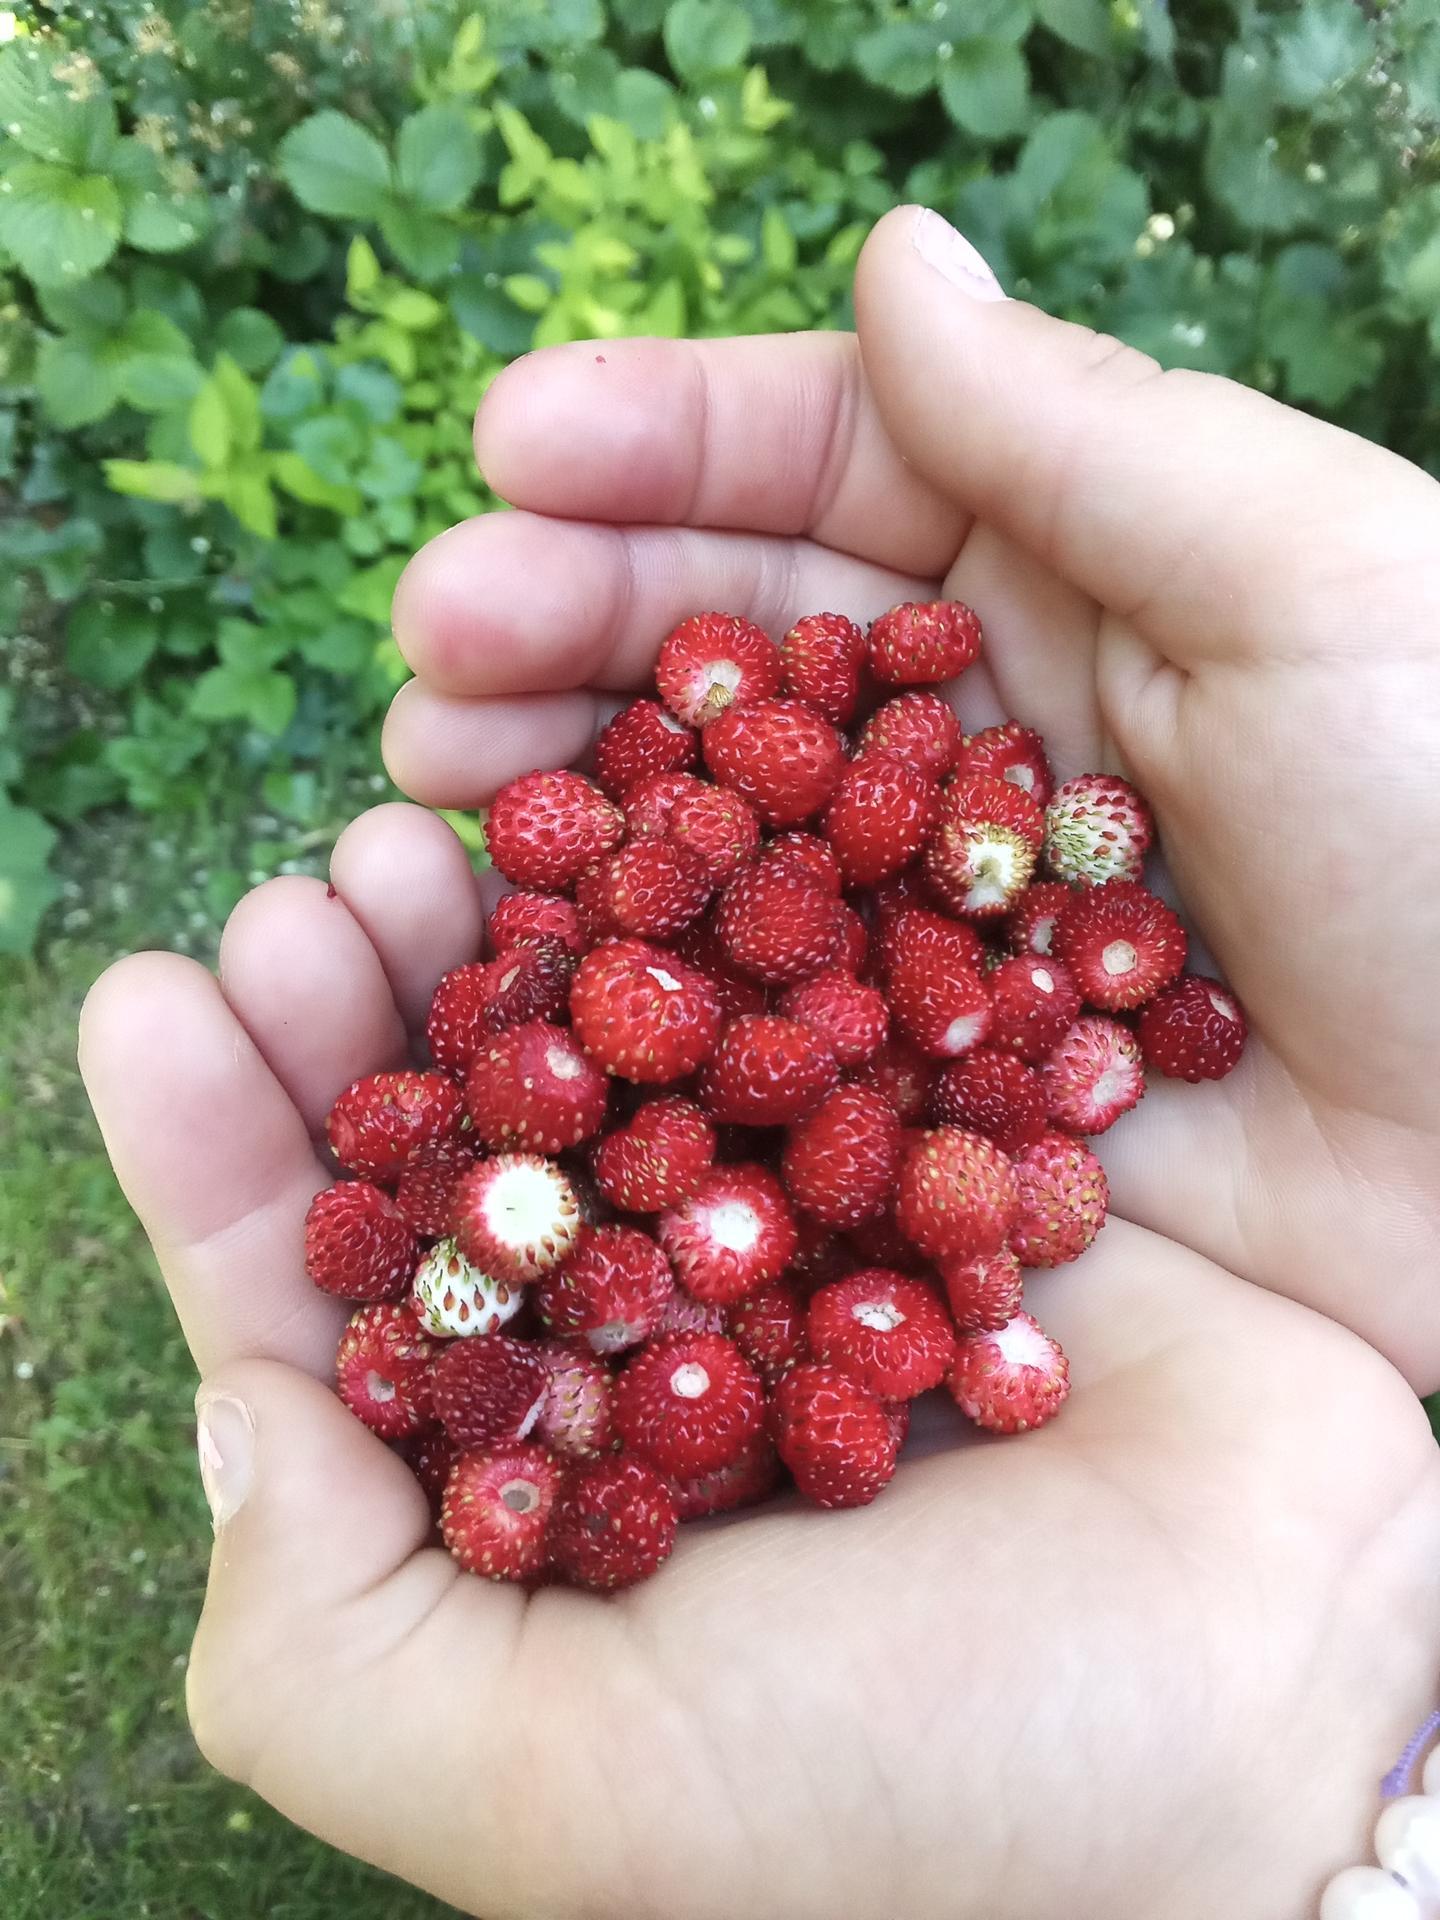 Hradek - Sadenicka lesnej jahodky priniesla casom svoje ovocie 🍓